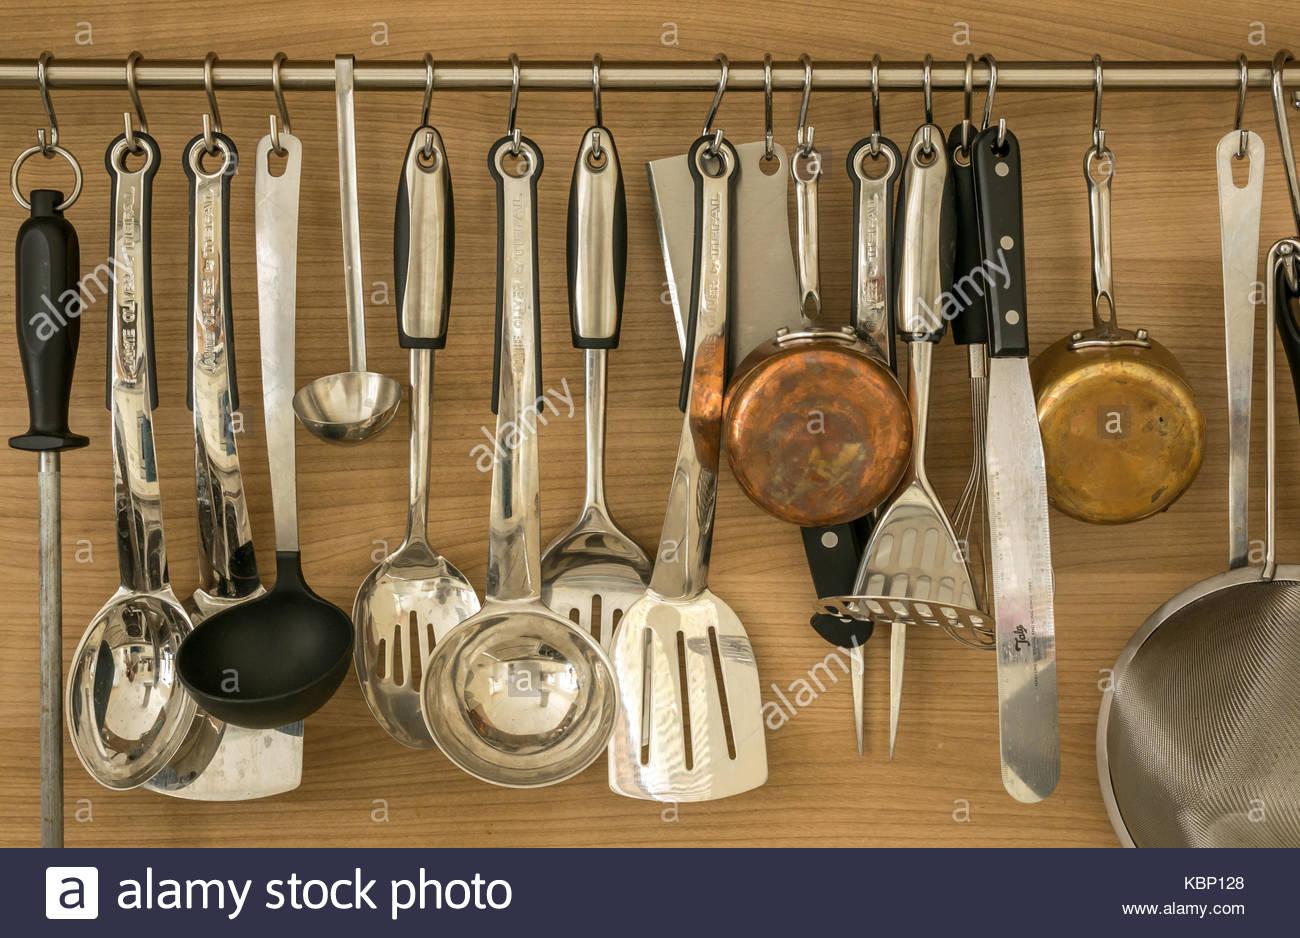 batterie-de-cuisine-kitchen-spoons-ladle